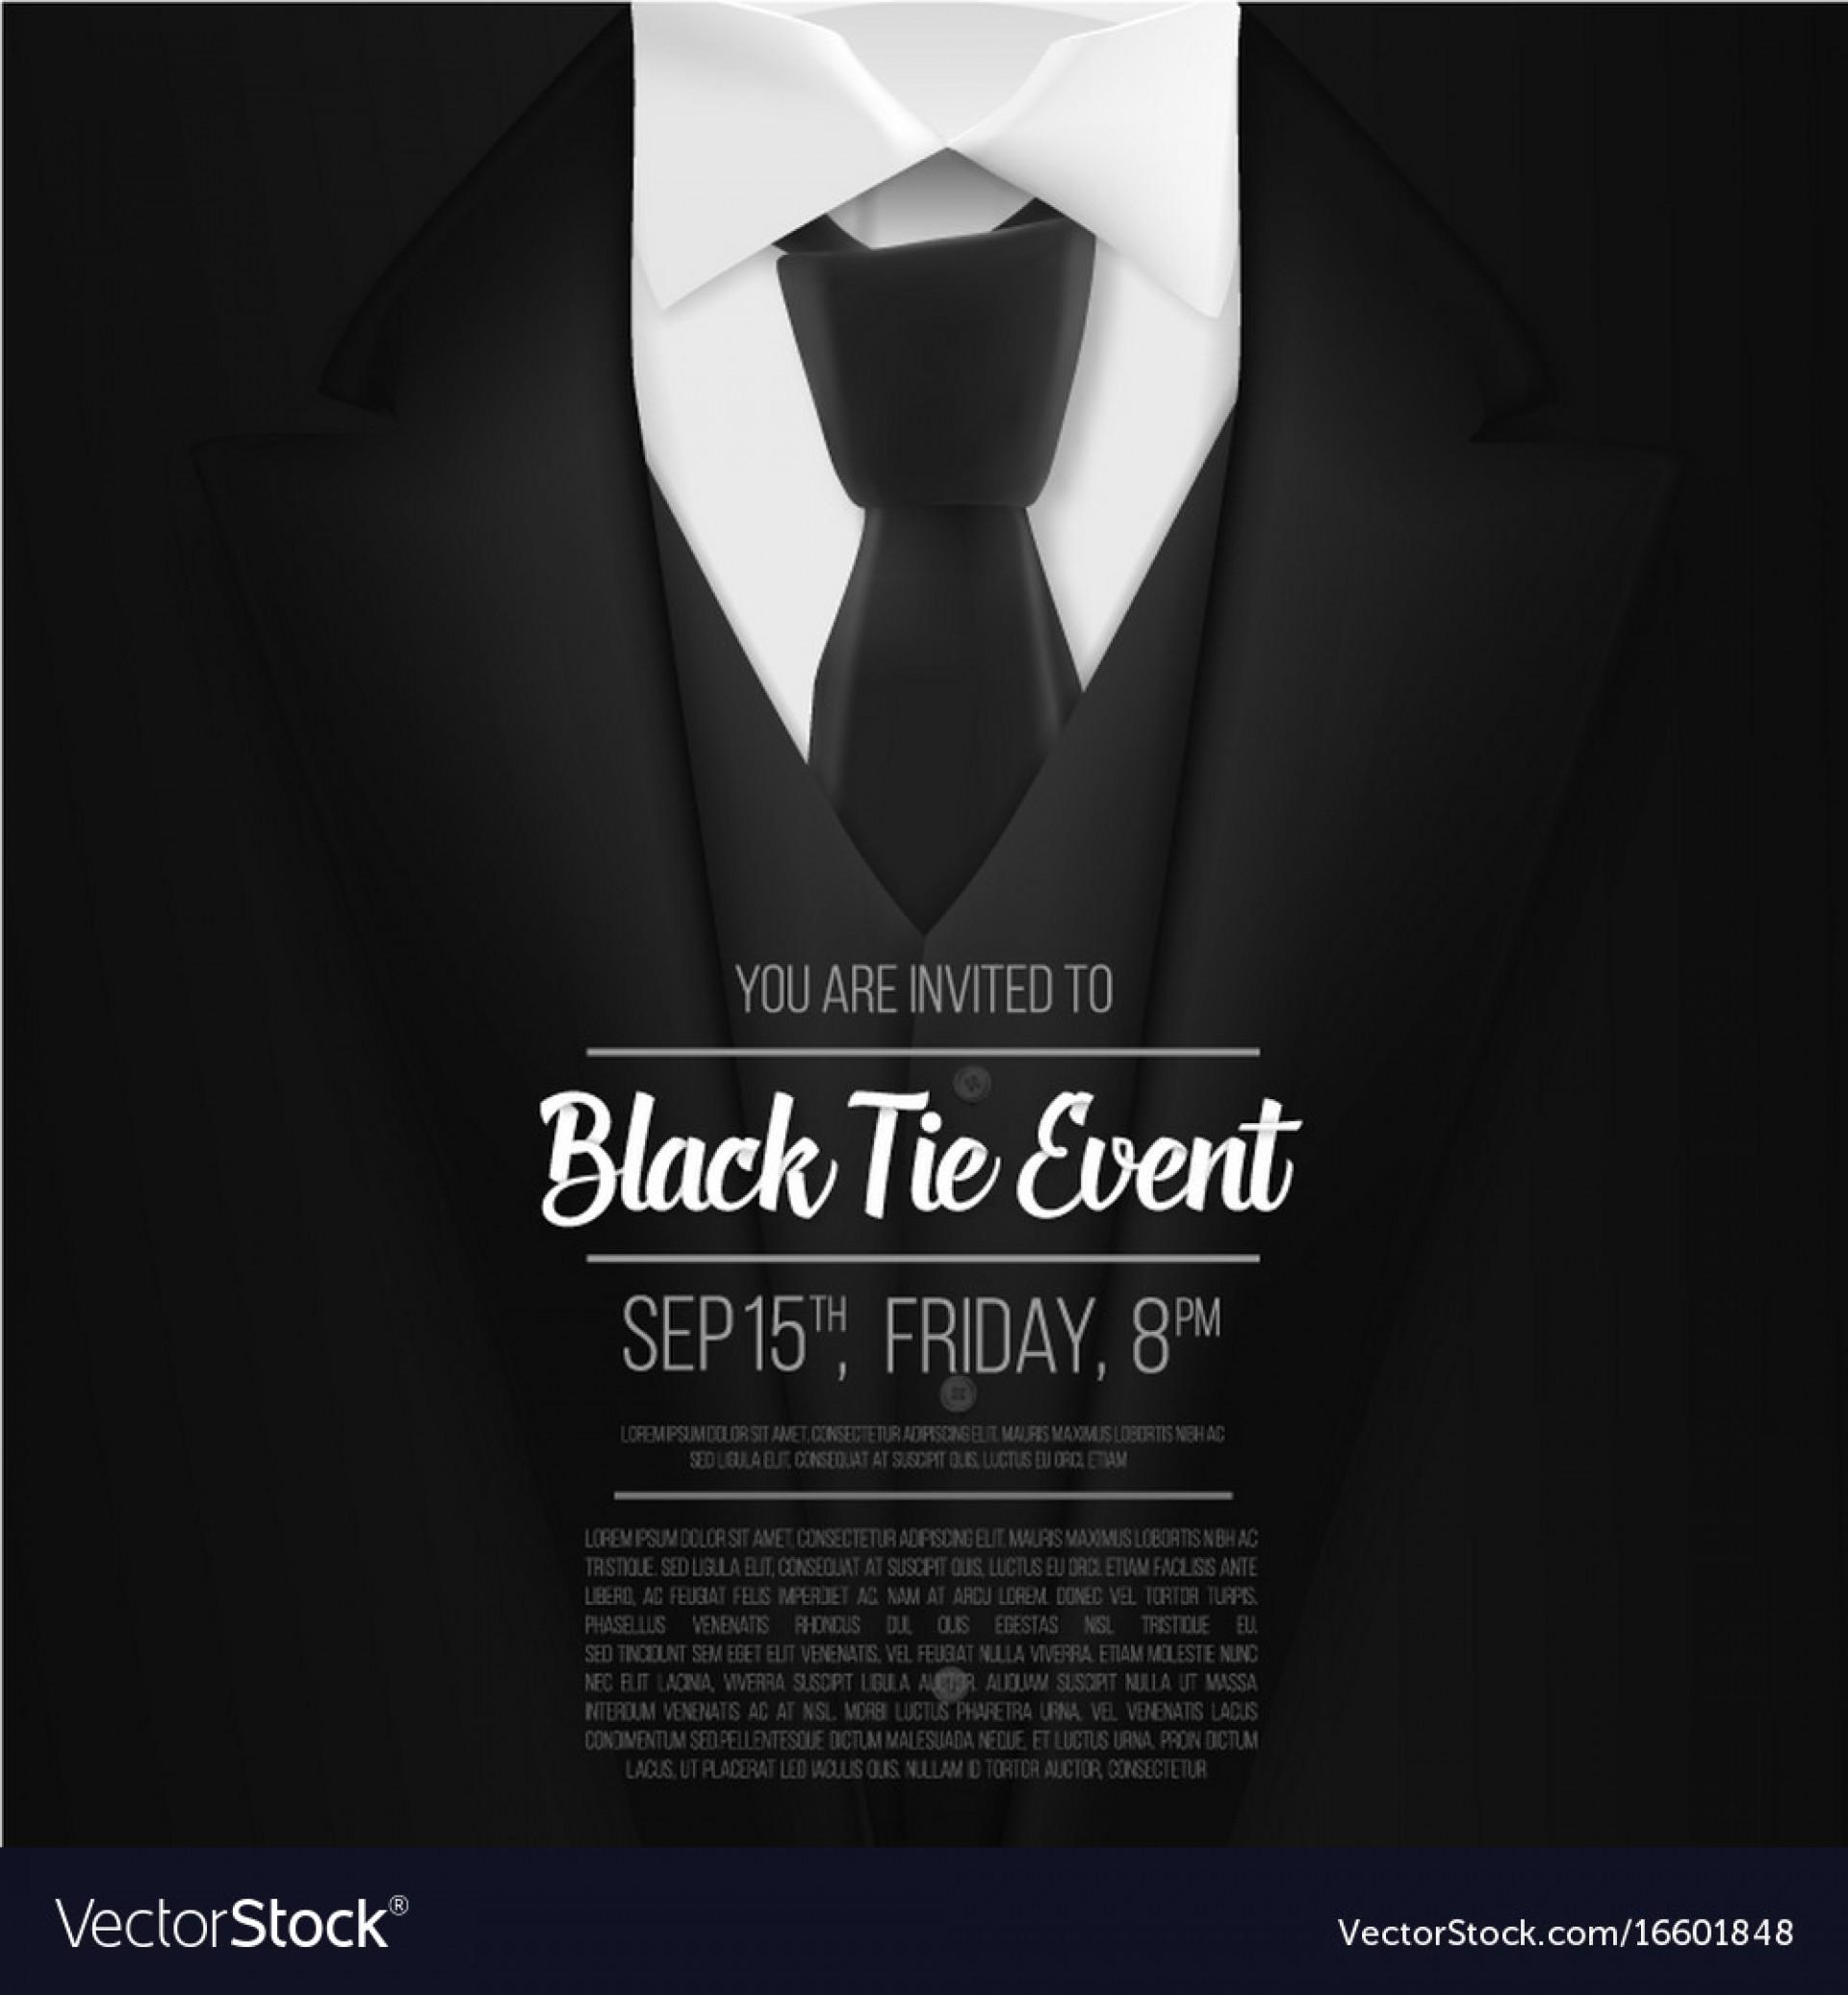 Black Tie Event Invitation Free Template